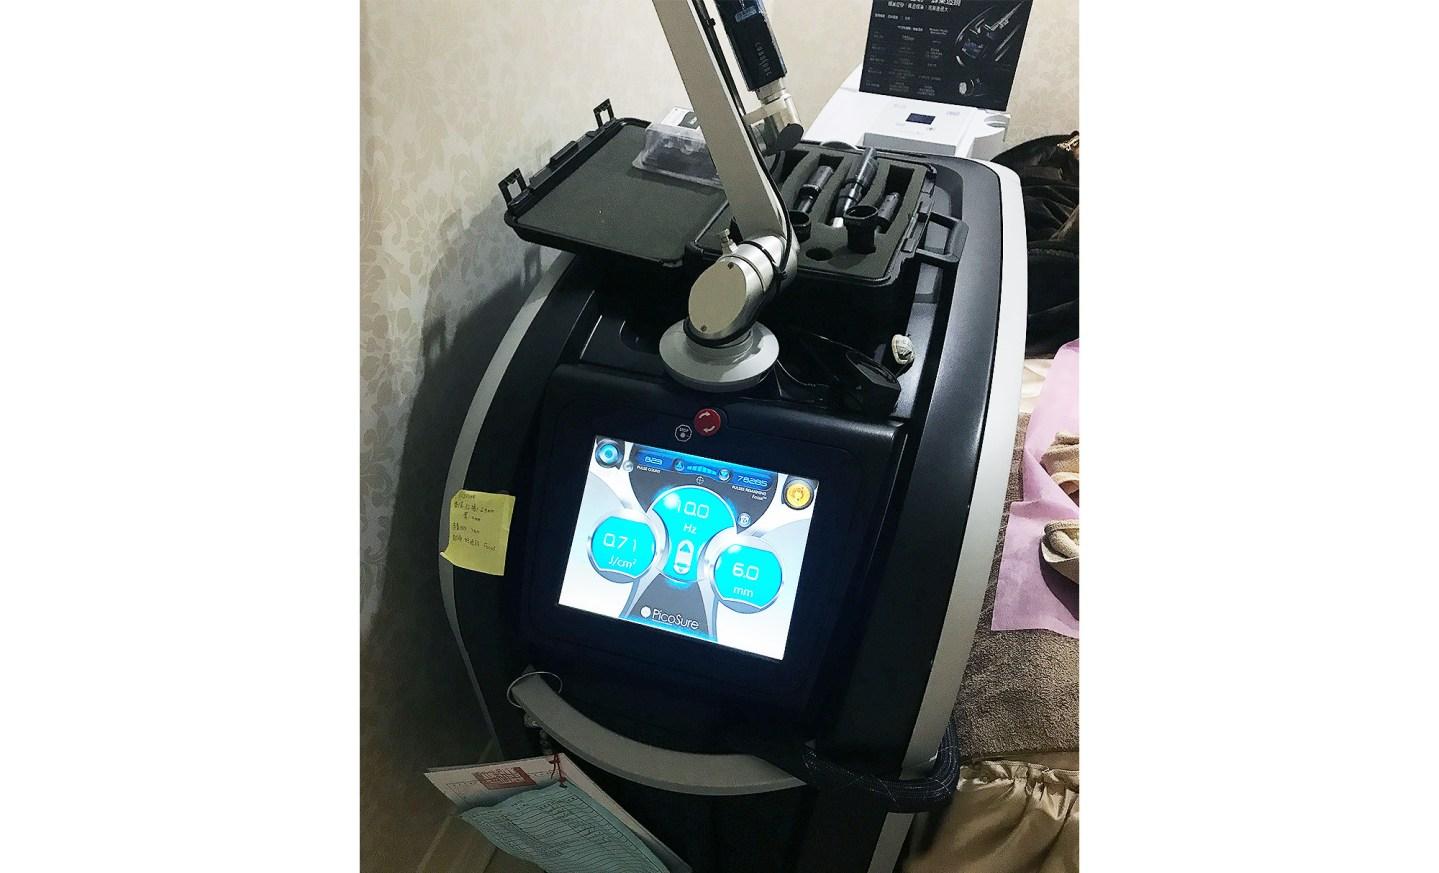 醫美 聖緹雅醫美PicoSure755蜂巢皮秒雷射心得分享,超越淨膚雷射號稱雷射界的法拉利